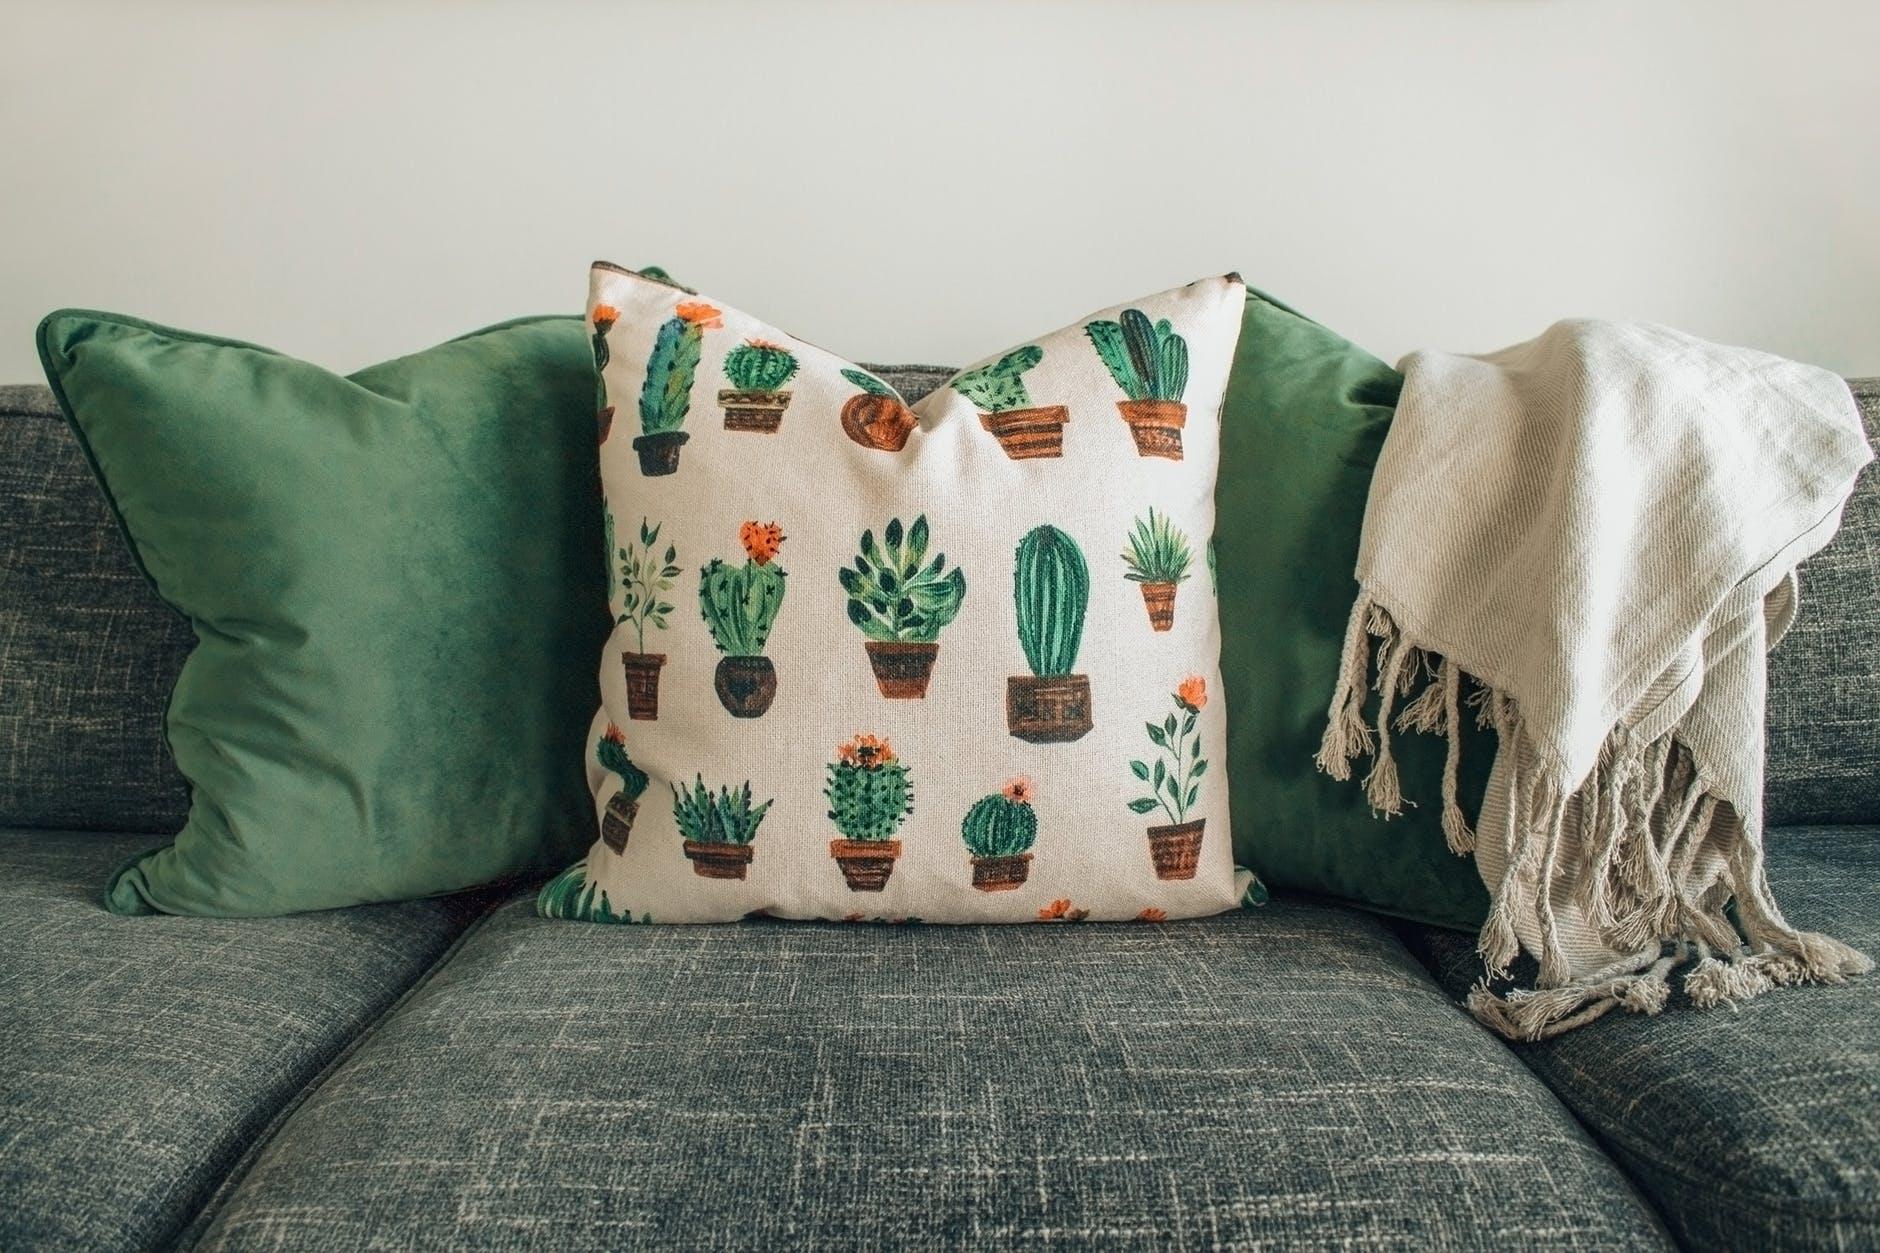 Jangan Sampai Menyesal, Inilah 4 Tips Memilih Jasa Pembersih Sofa yang Bagus